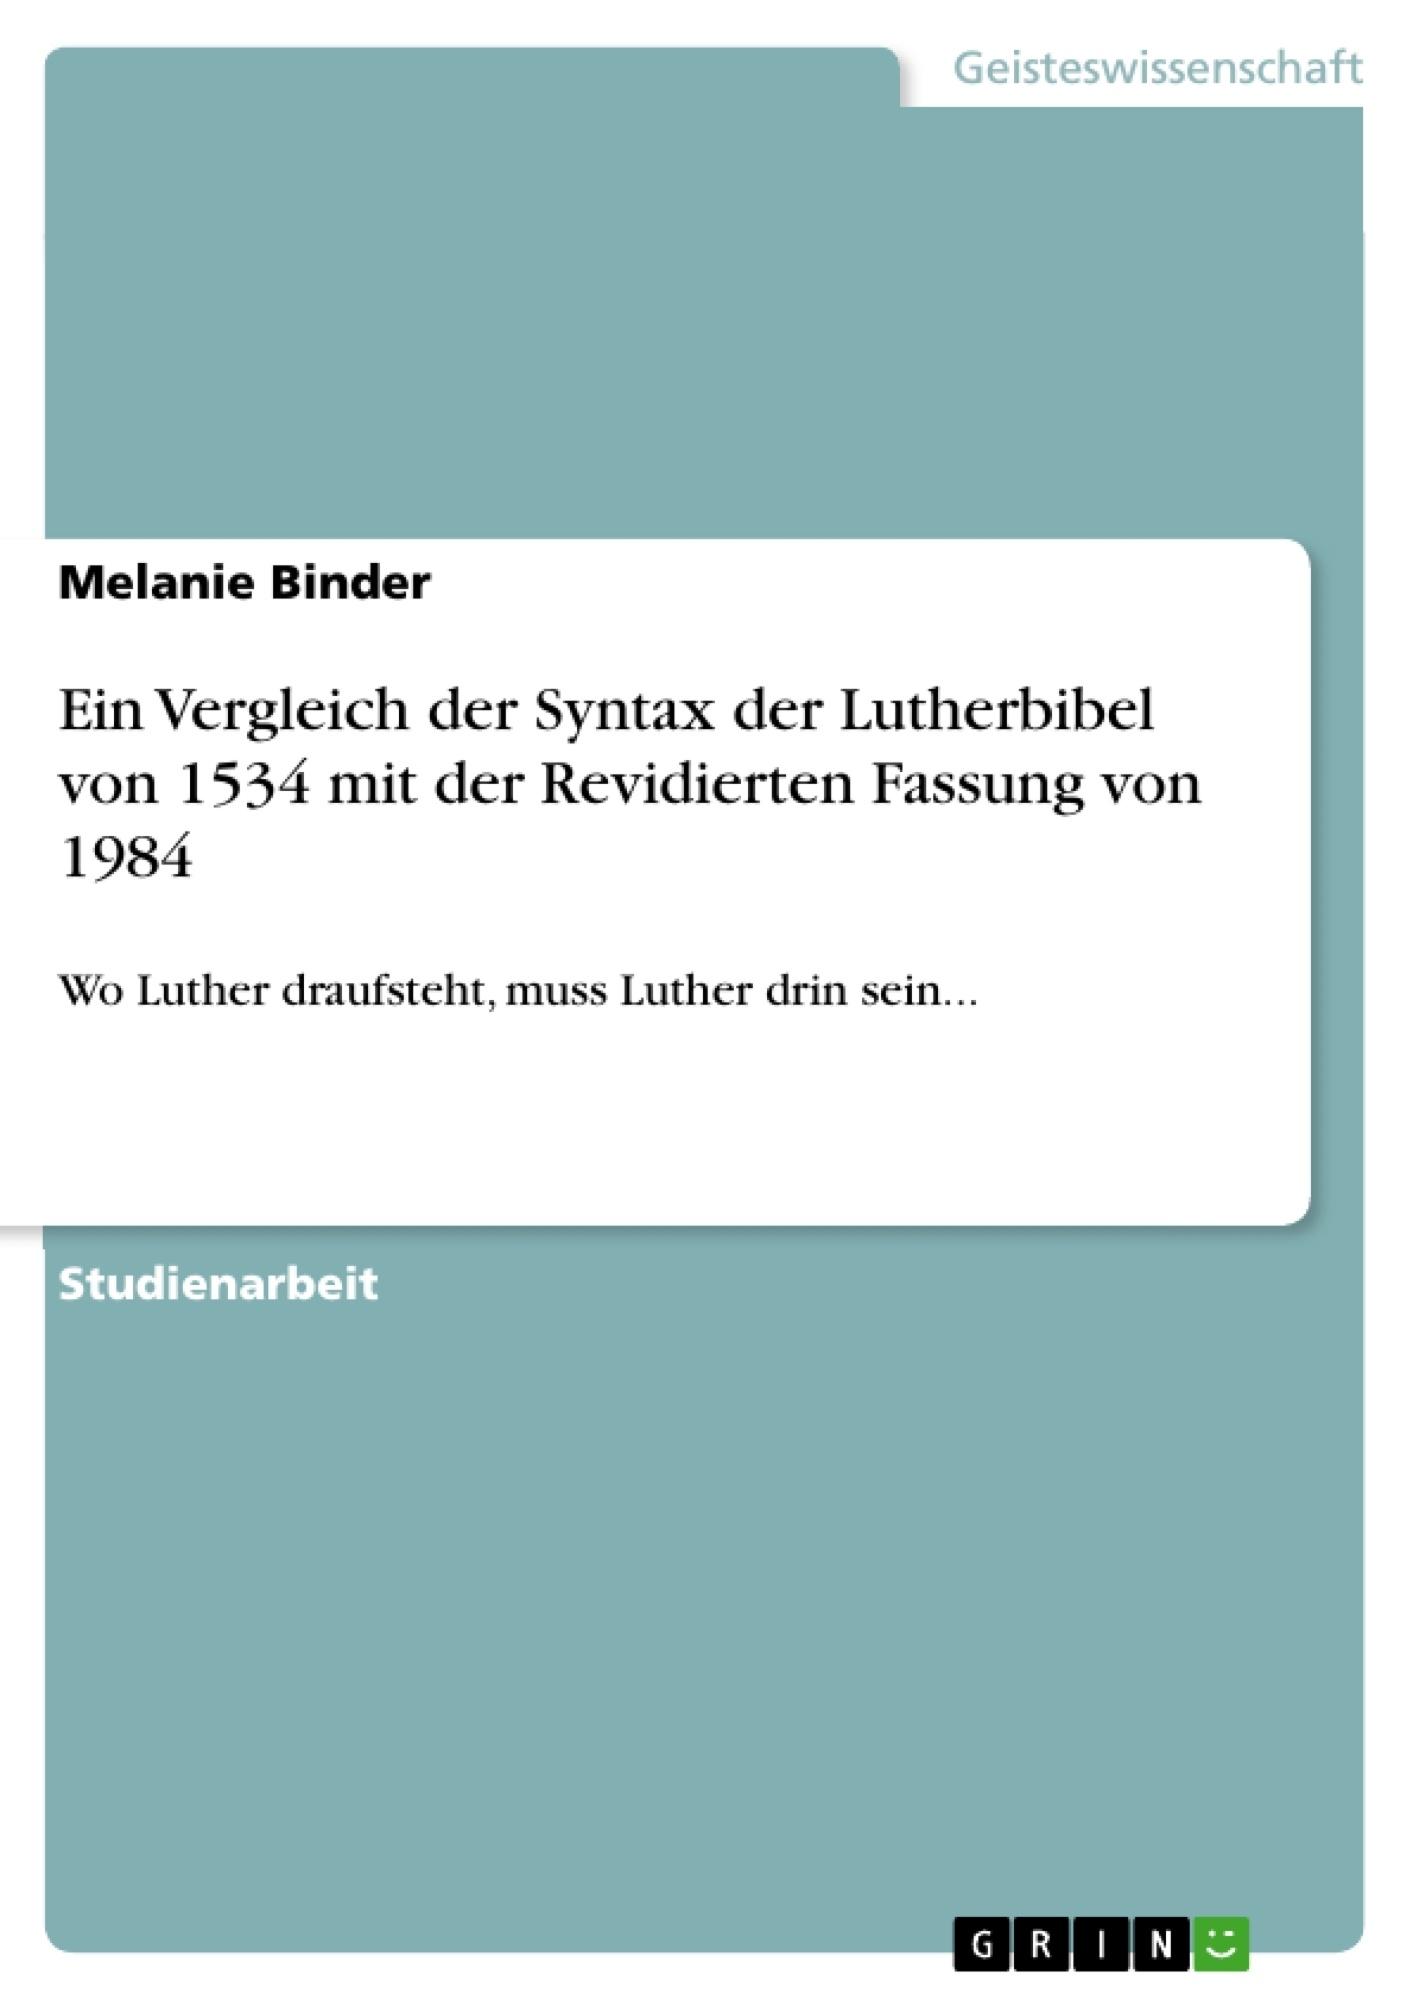 Titel: Ein Vergleich der Syntax der Lutherbibel von 1534 mit der Revidierten Fassung von 1984